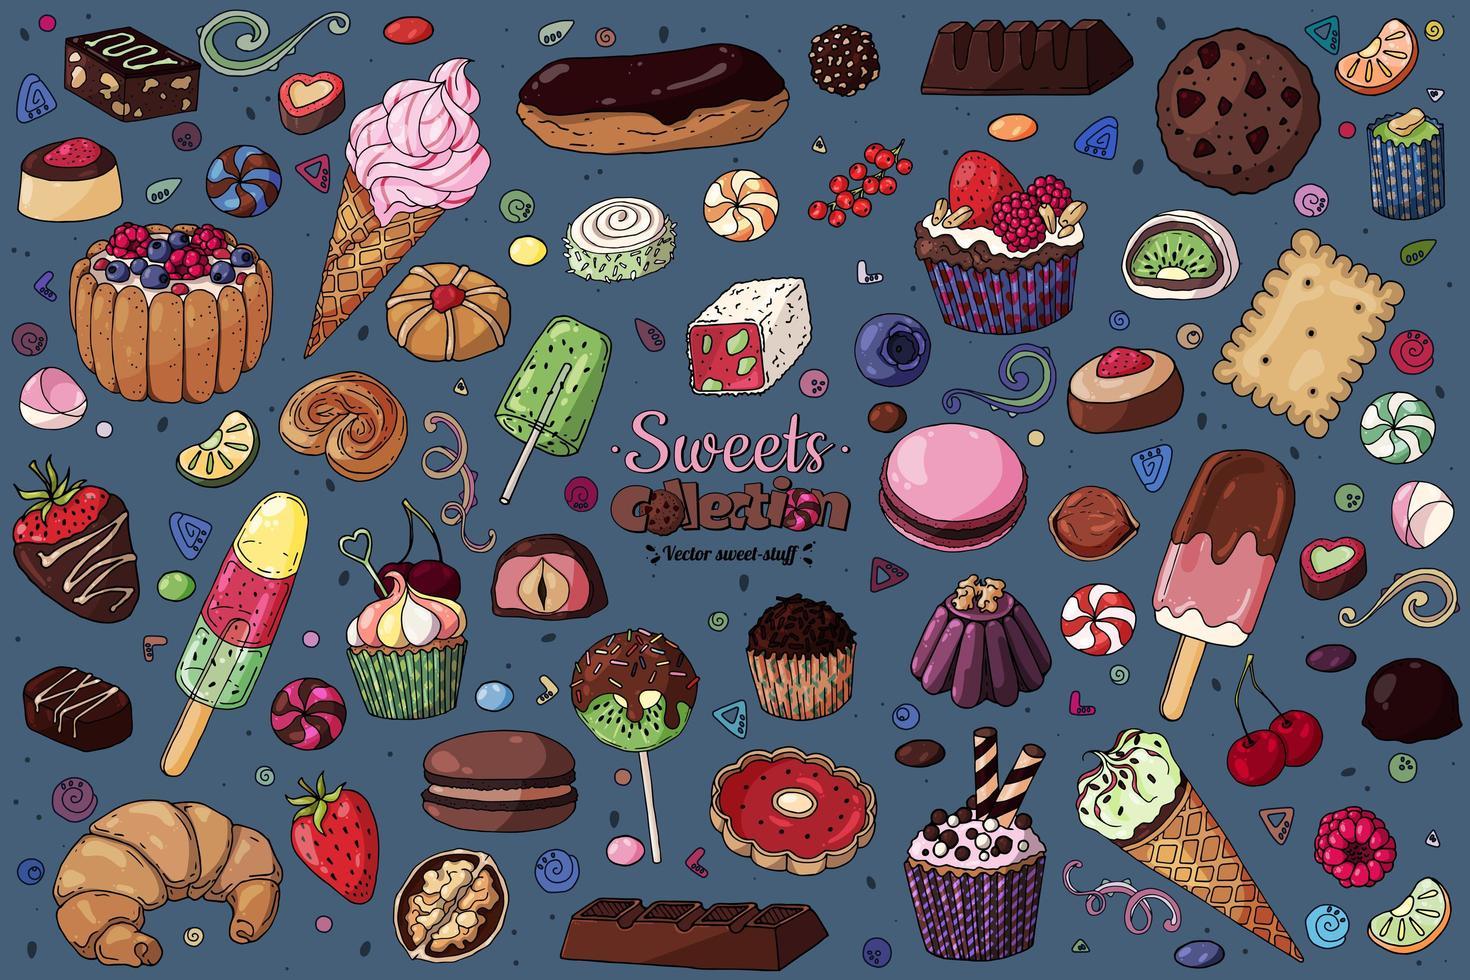 kleurrijke snoep collectie vector